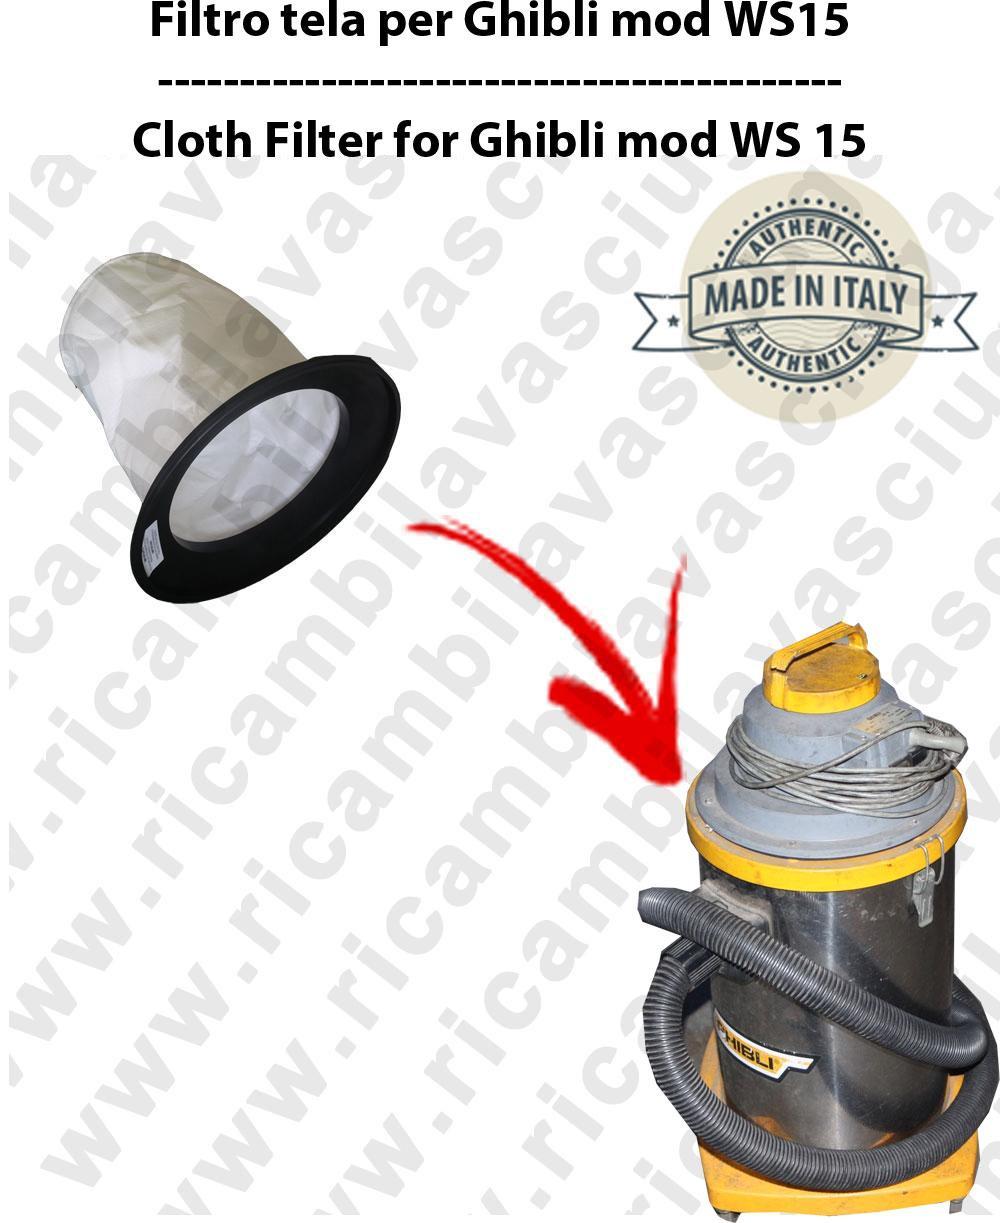 Filtre de toile pour aspirateurs GHIBLI modelle WS15